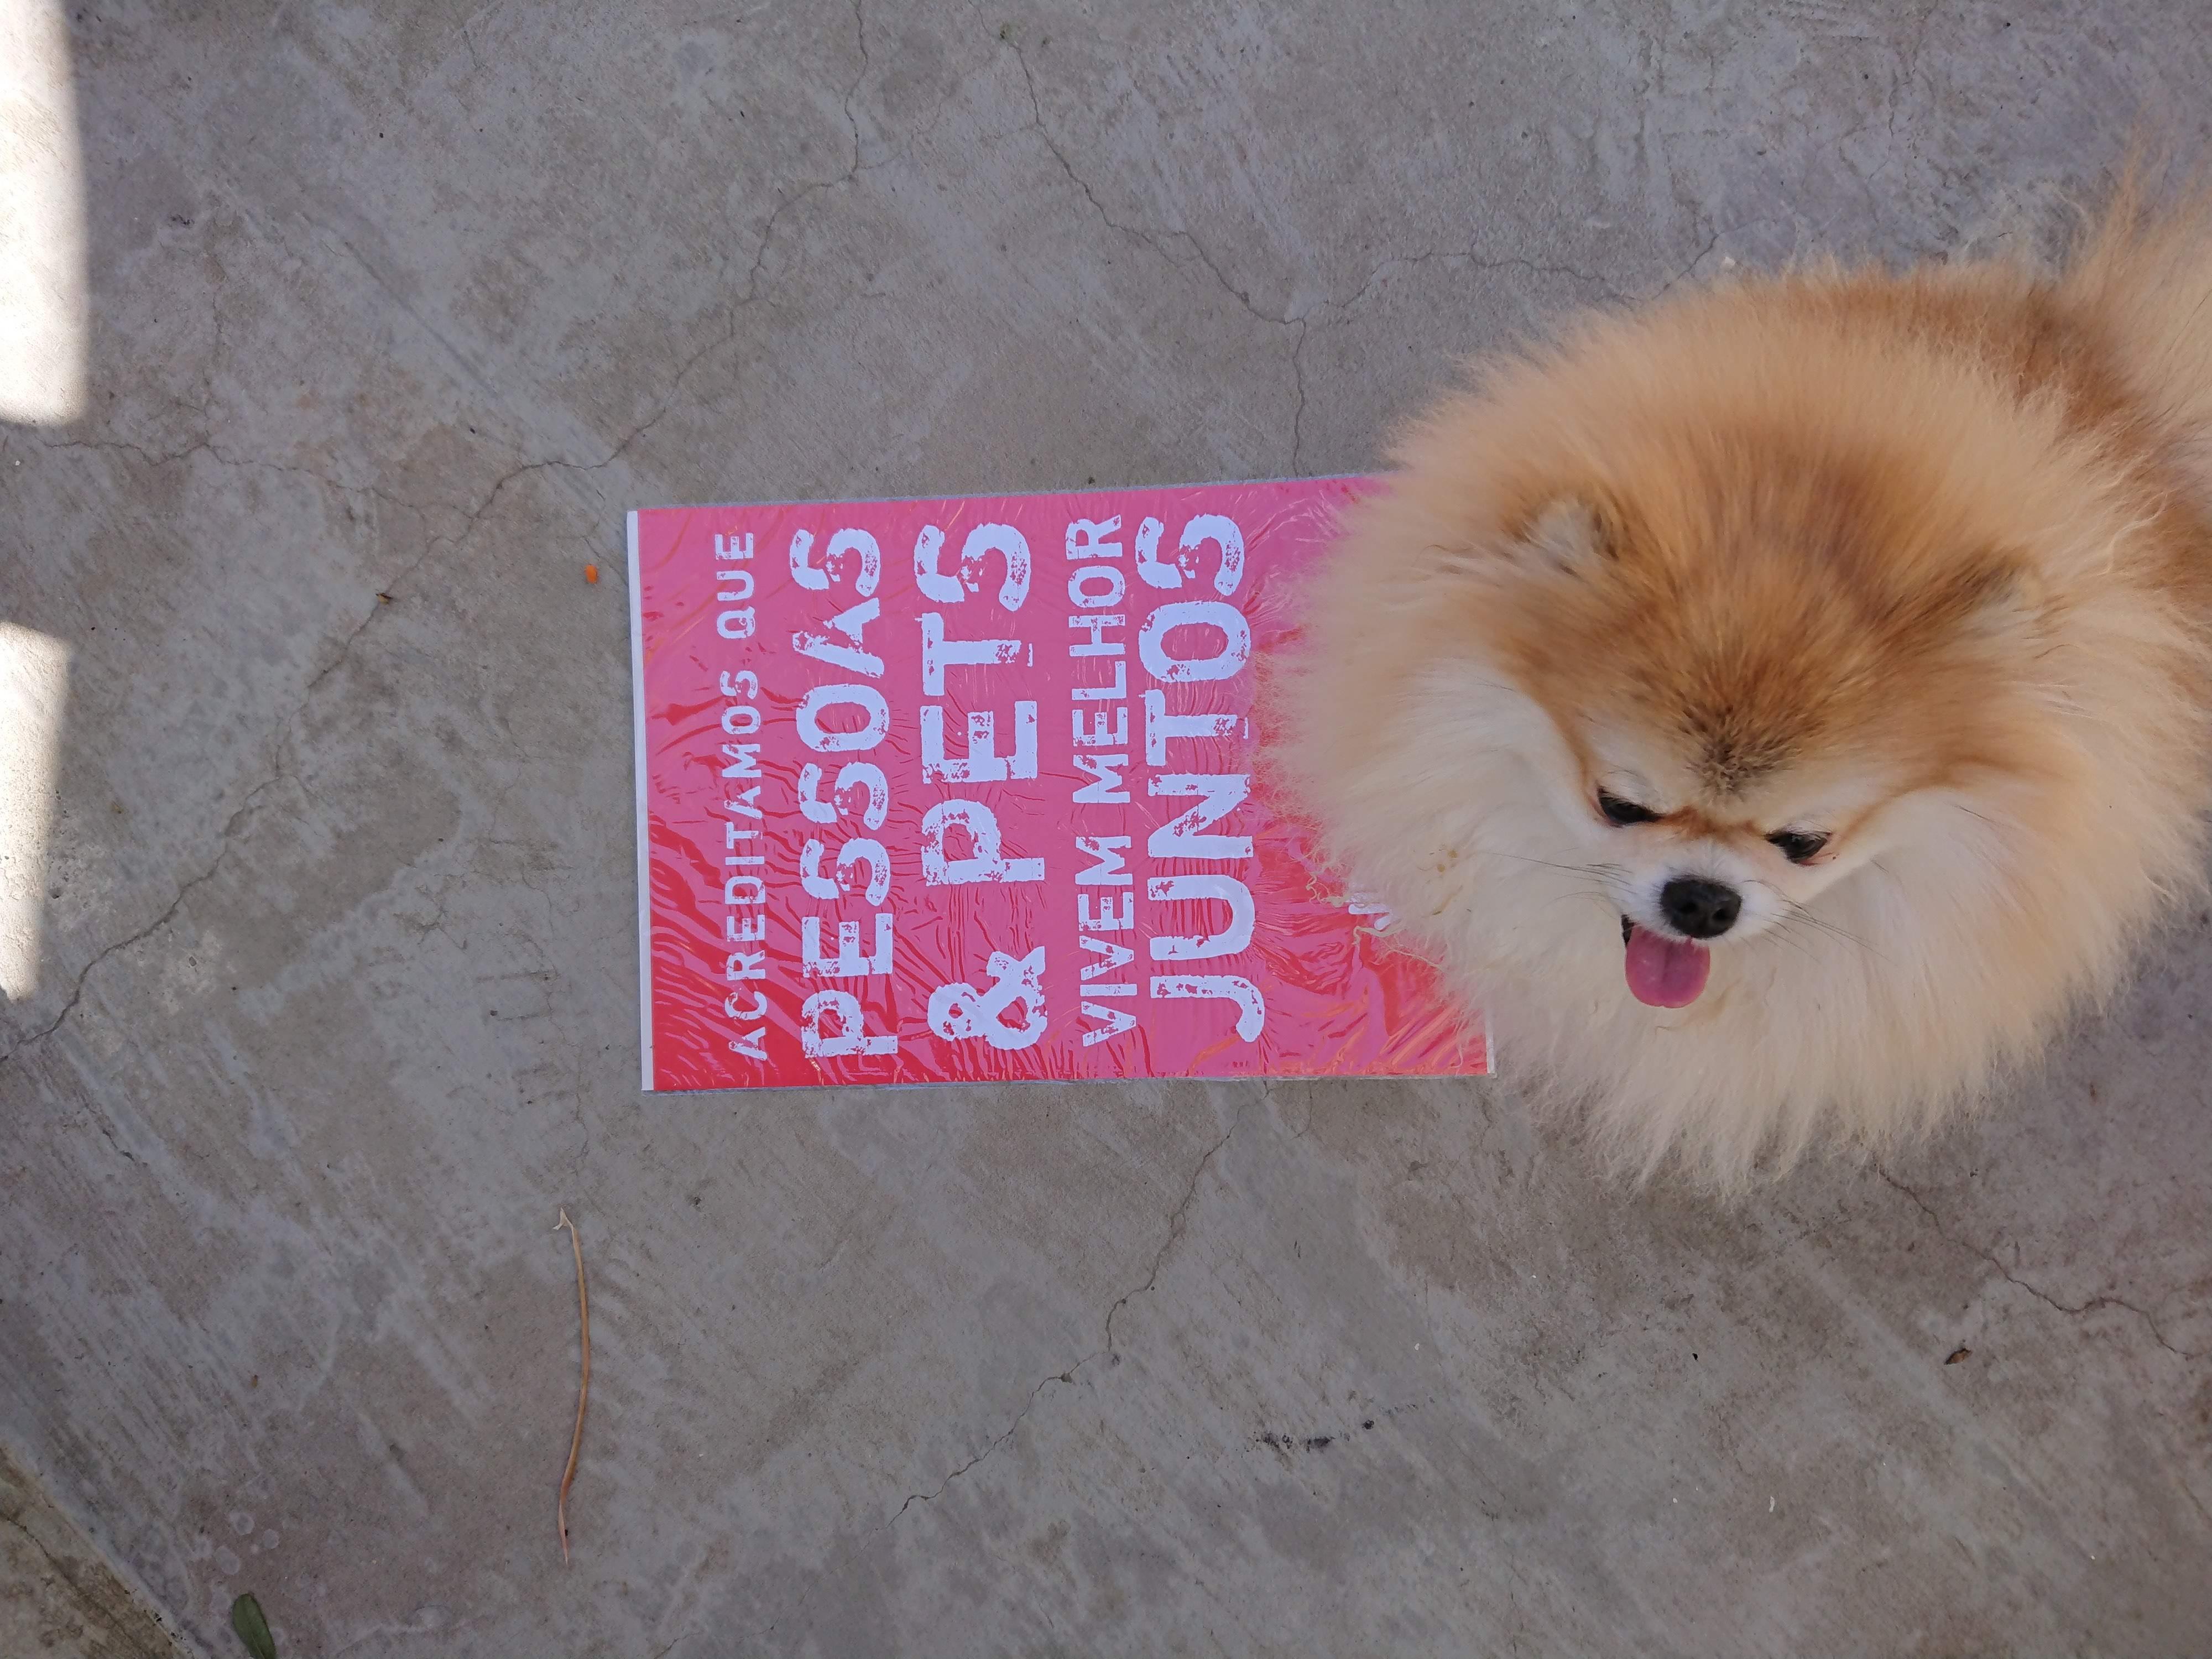 cachorro e o lambe lambe